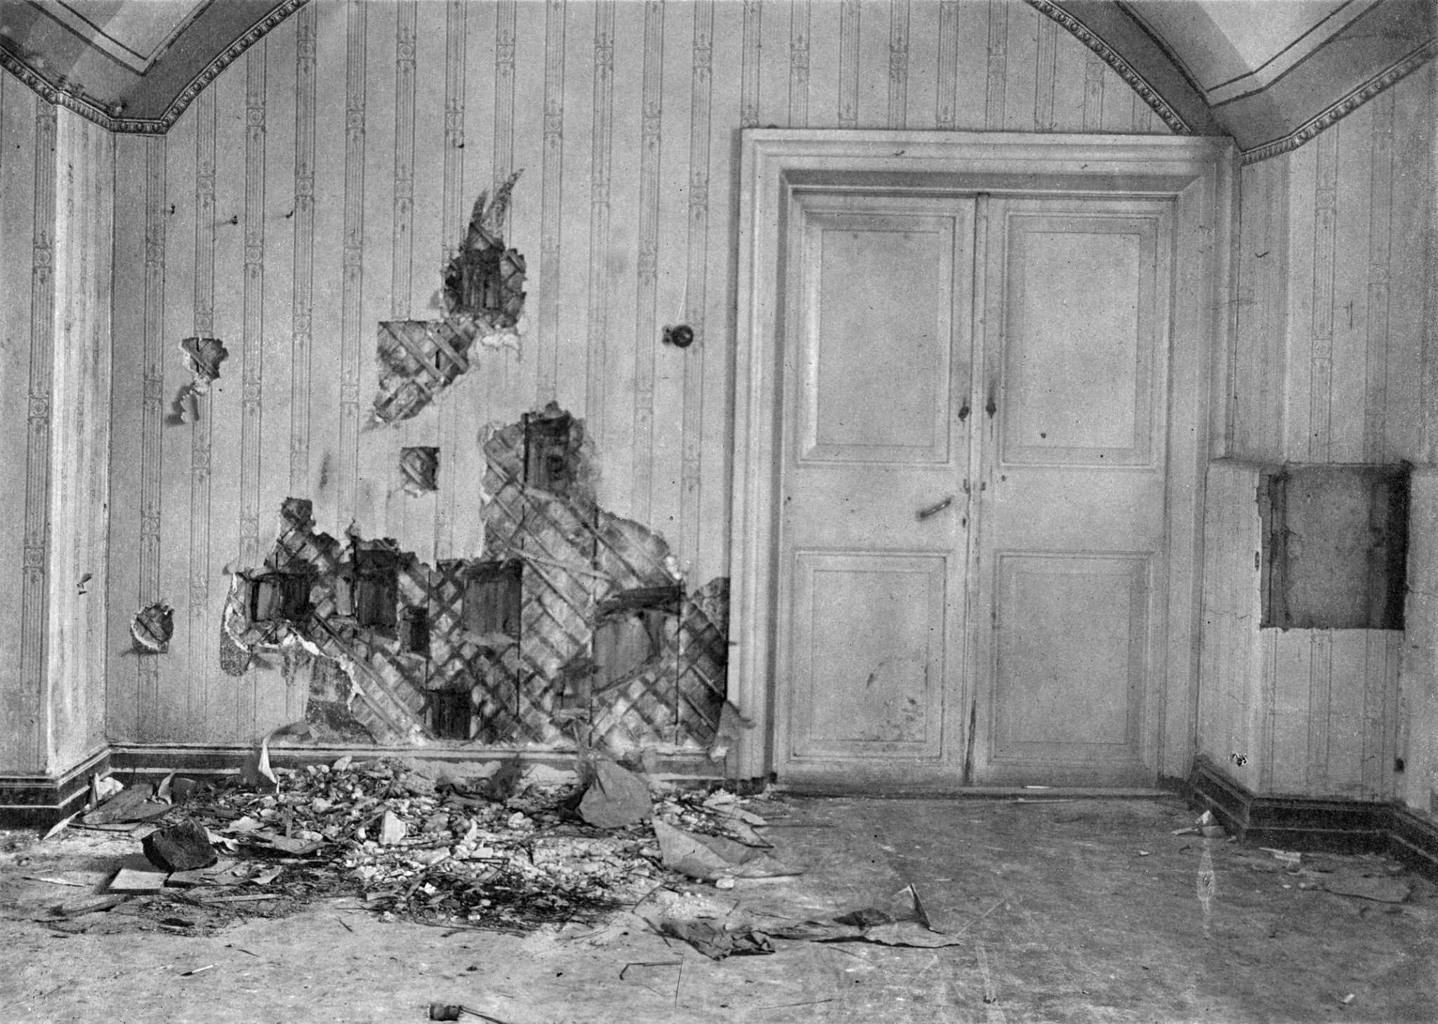 Az Ipatyev-ház pincéje, ahol kivégezték a cári családot. #moszkvater